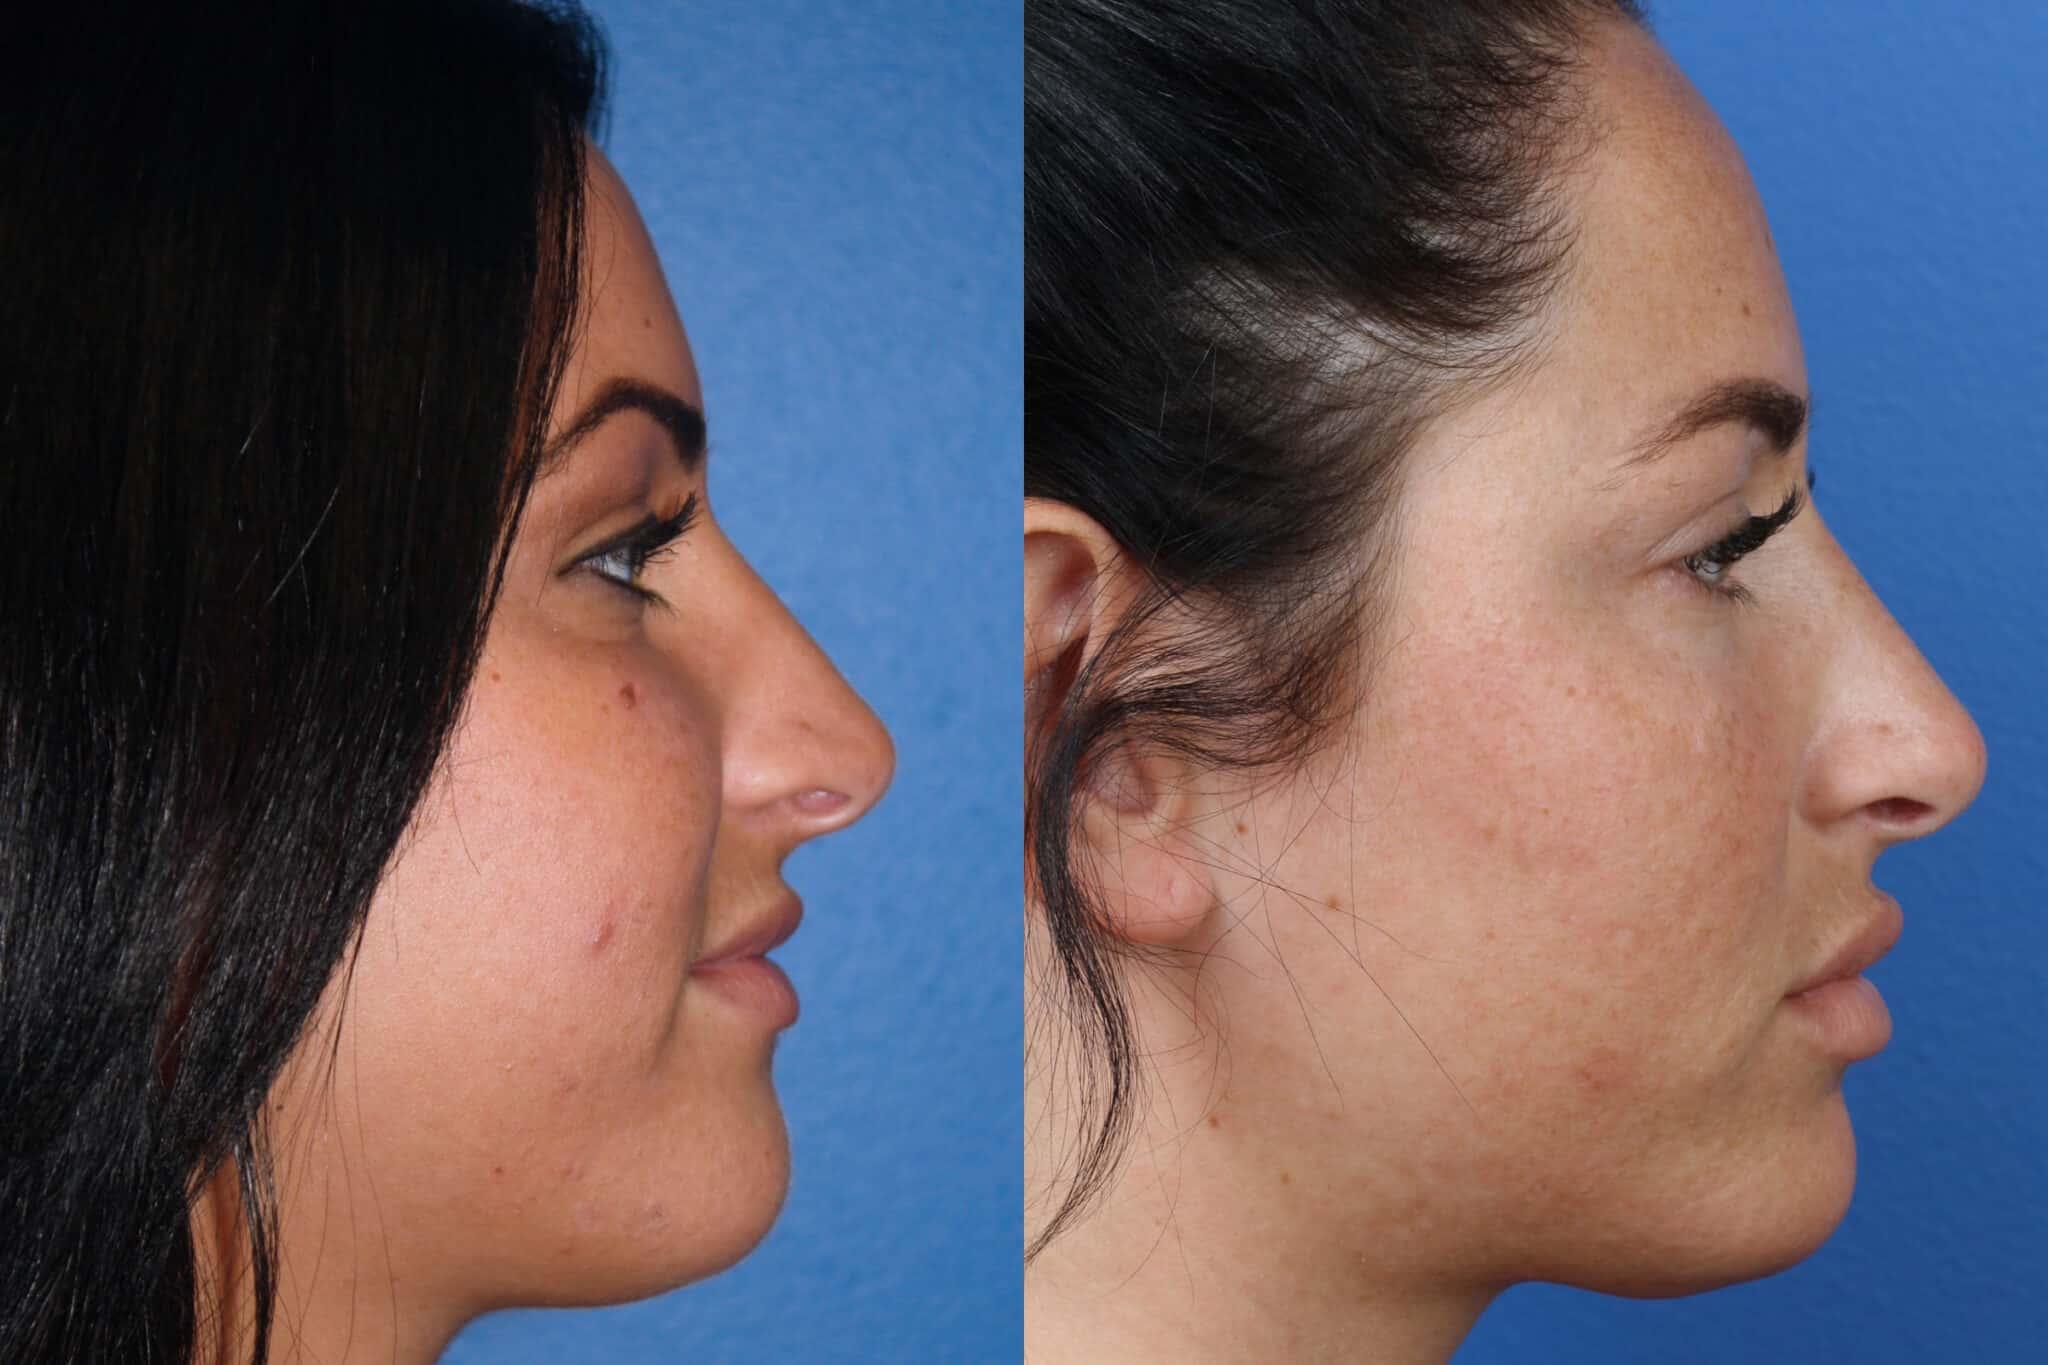 Rhinoplasty to Shorten Nasal Bridge and Refine Tip by Dr. Miller